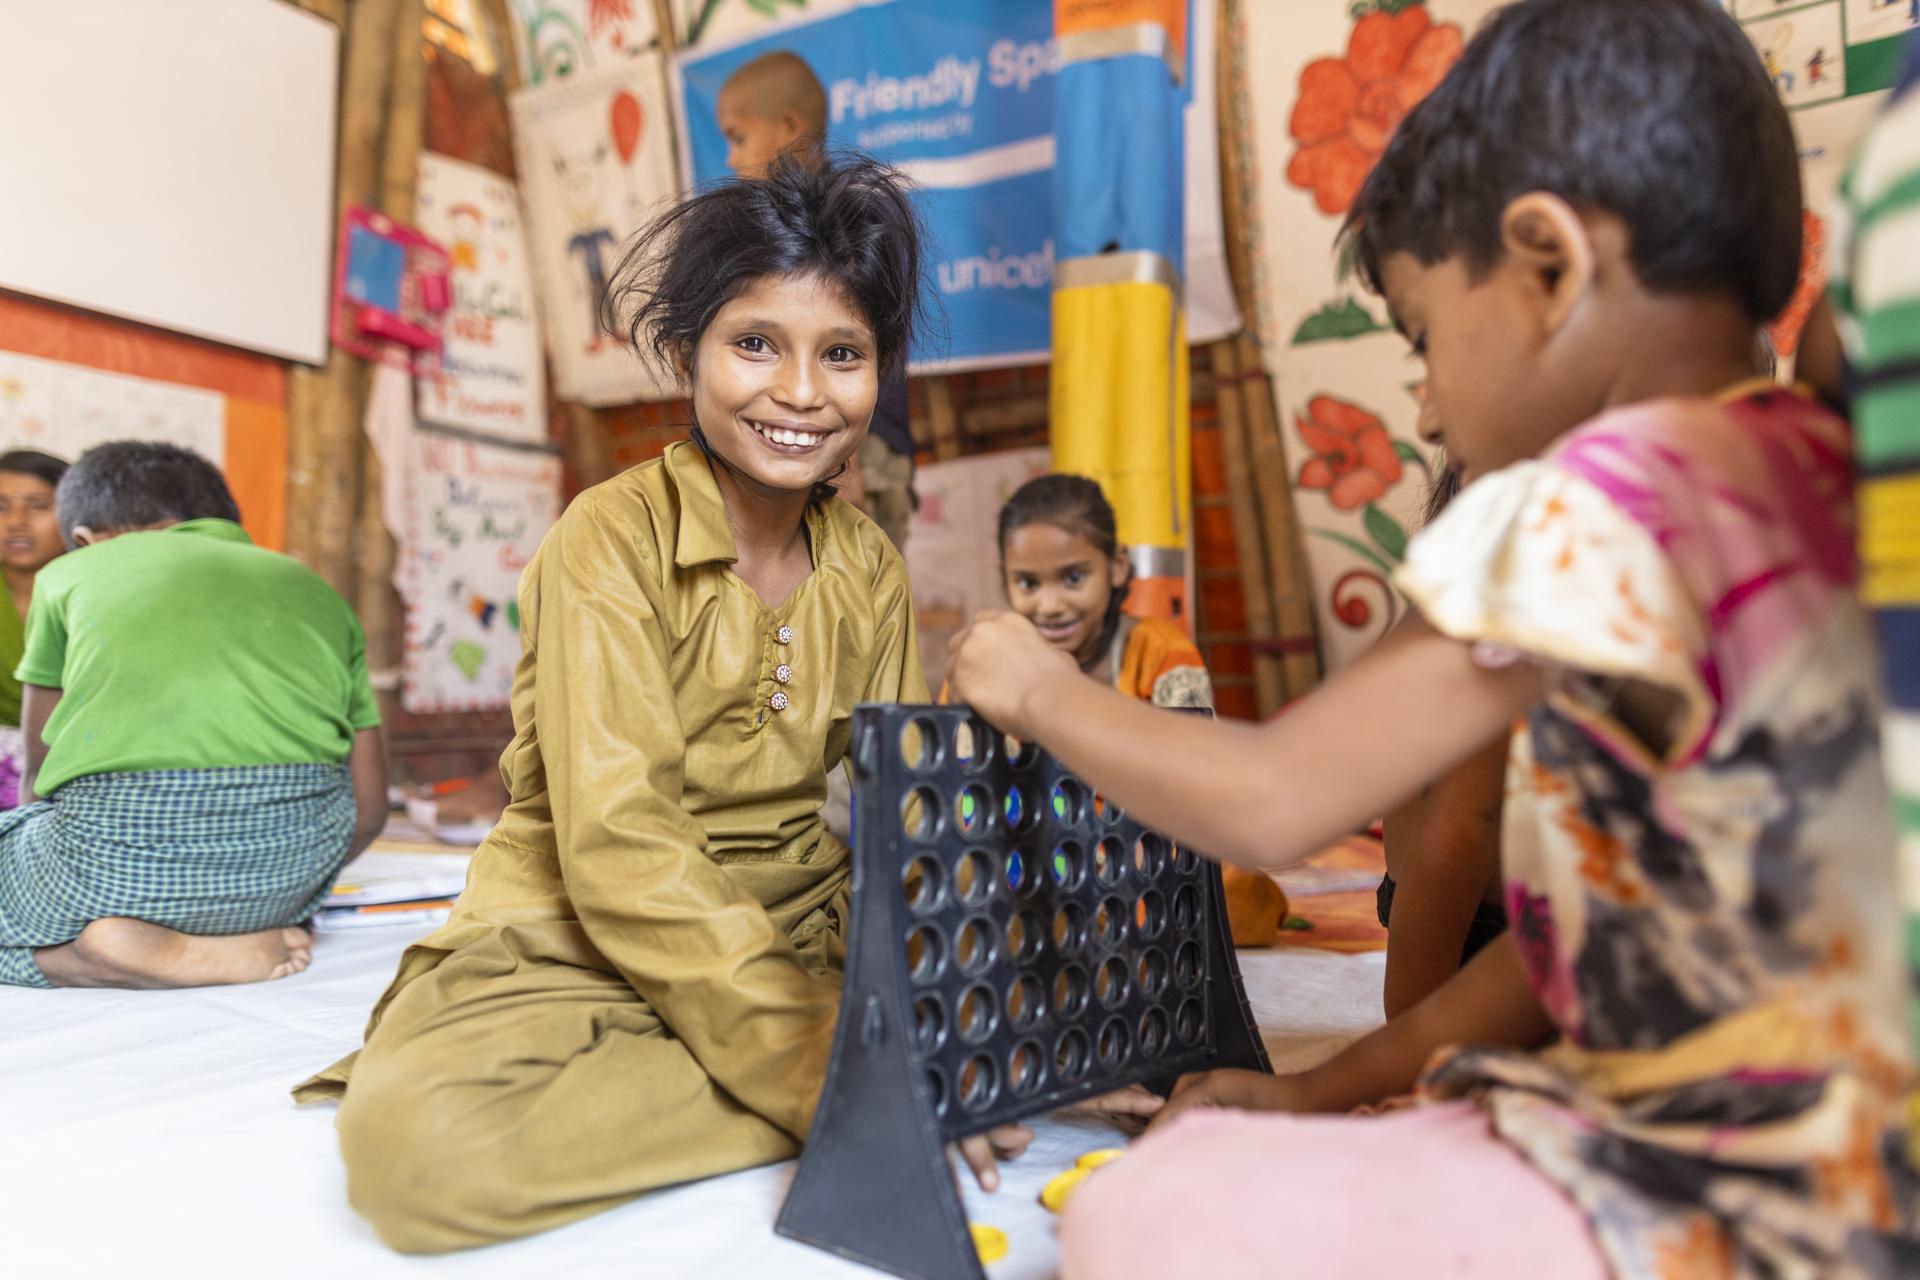 Kaksi lasta leikkii Cox's Bazaarin pakolaisleirillä UNICEFin tukemassa lapsiystävällisessä tilassa.